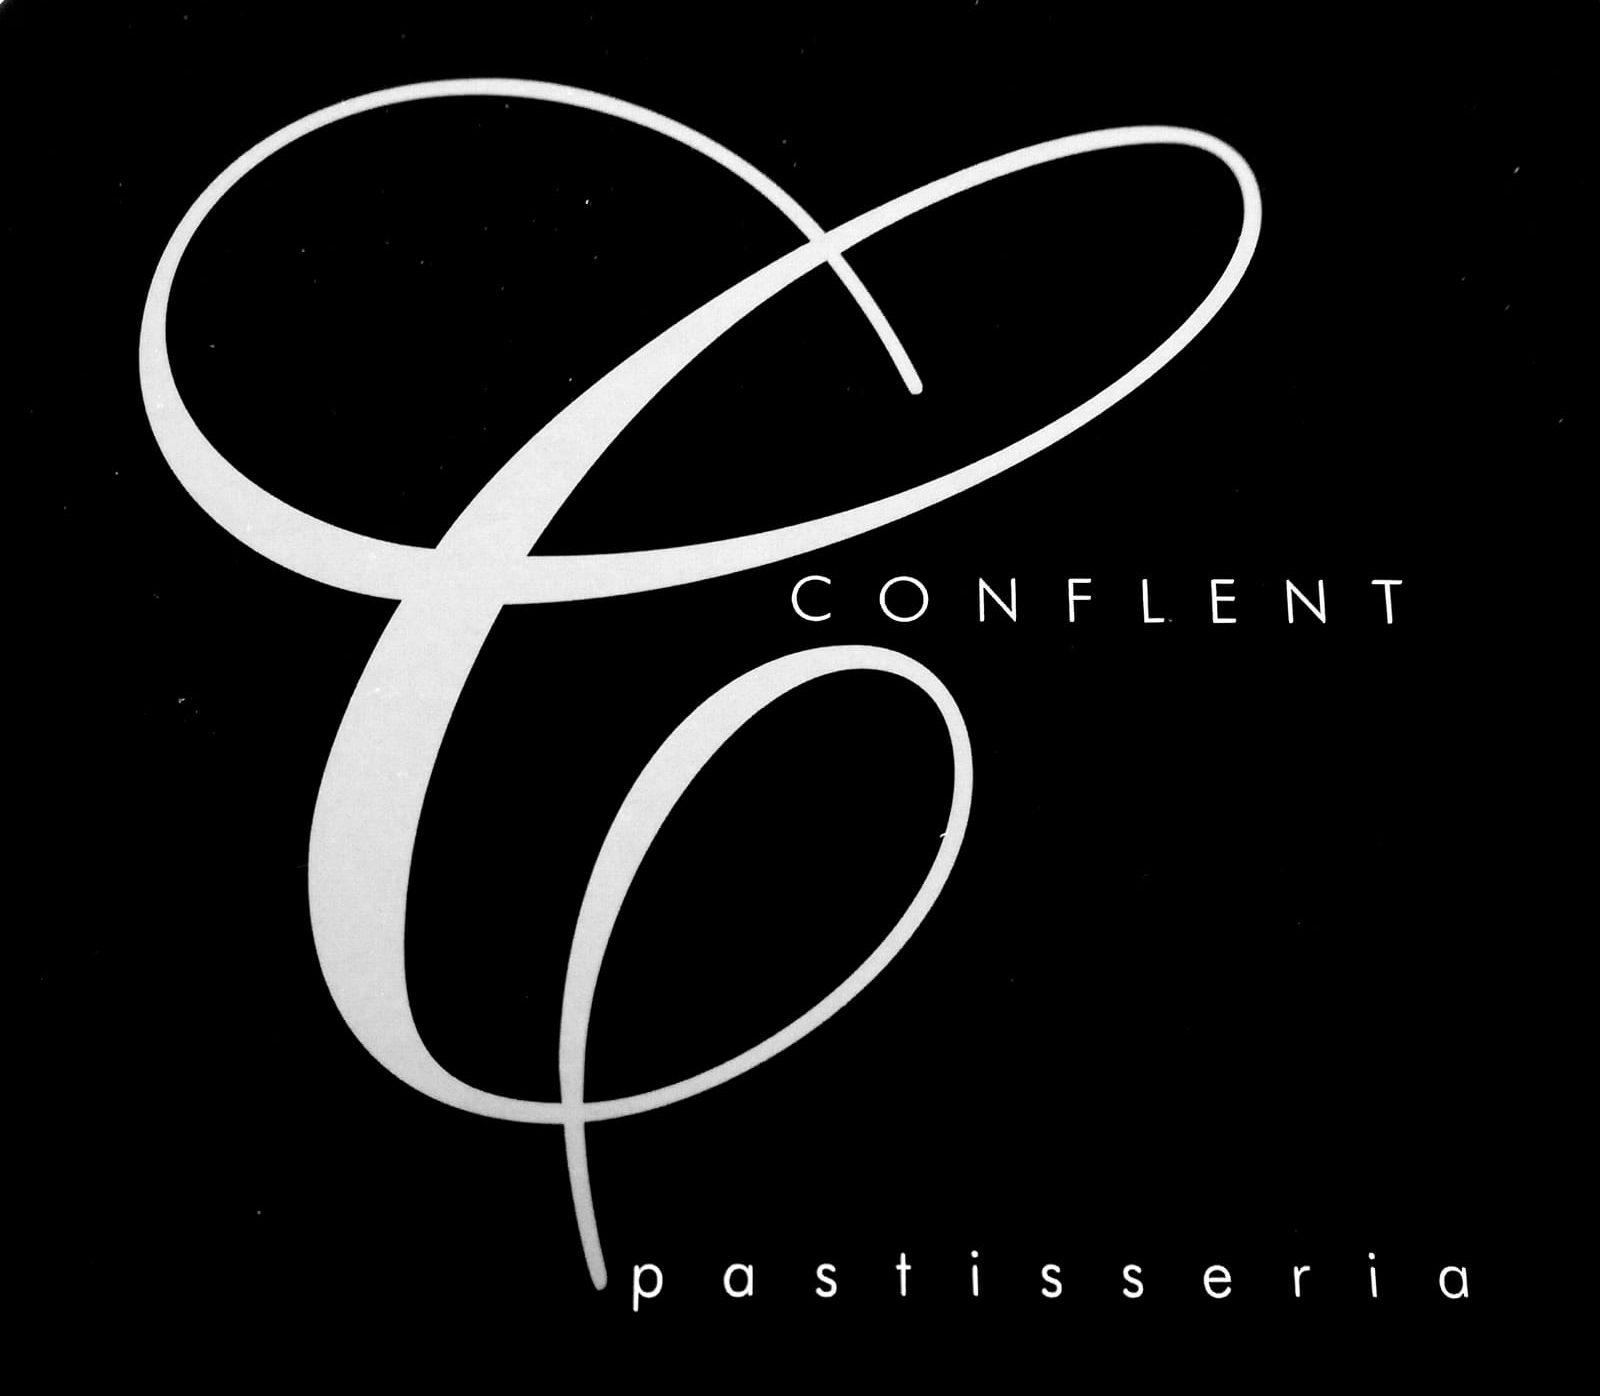 Pastisseria Conflent